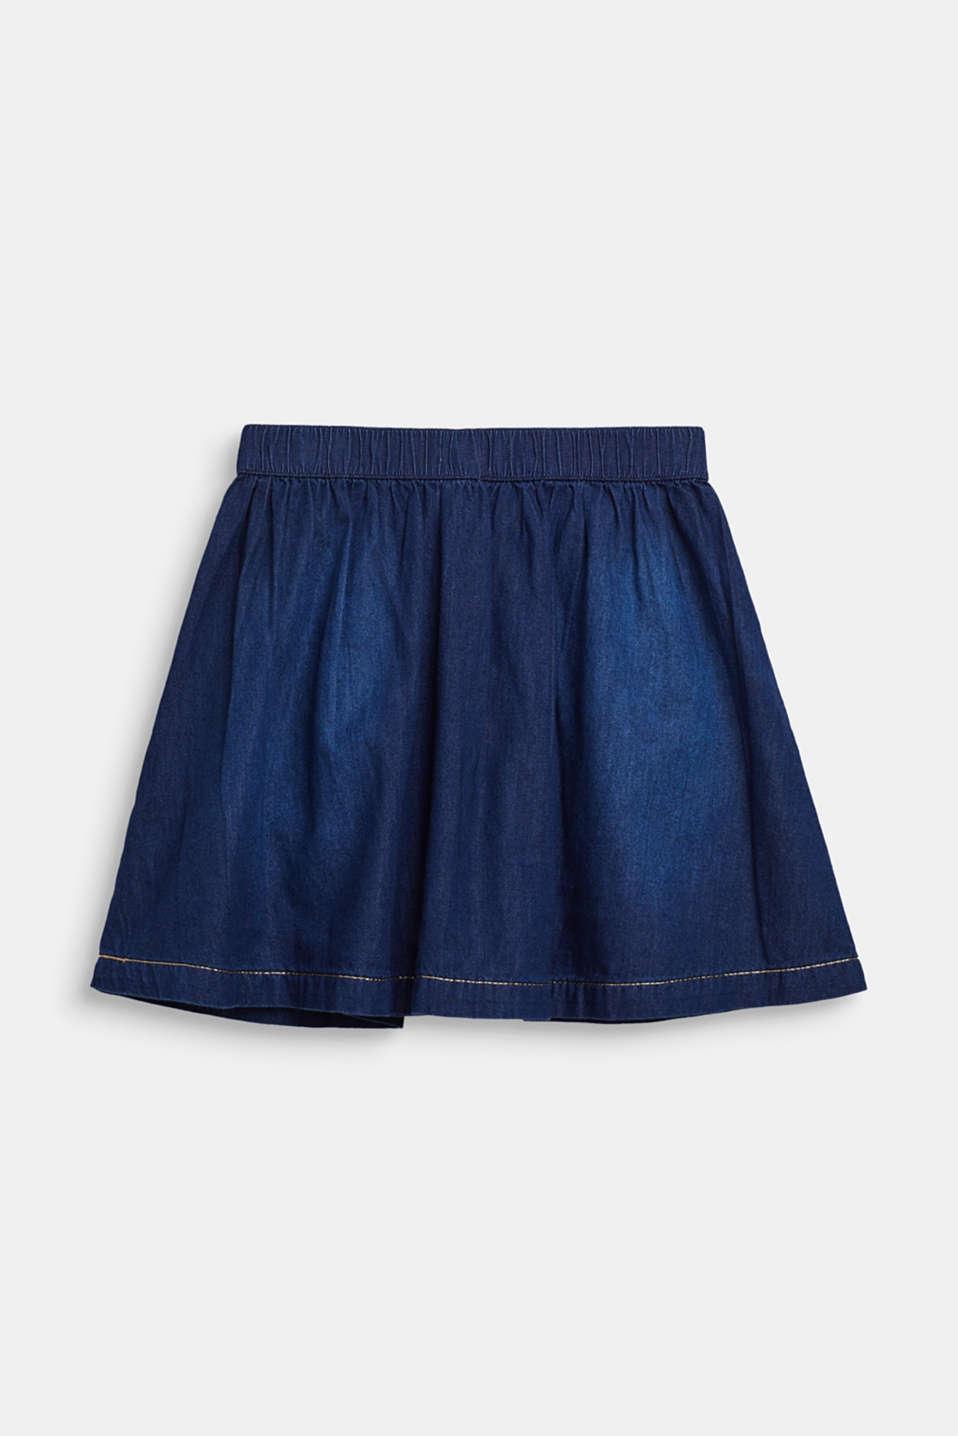 Denim skirt with glittering threads, DARK INDIGO DE, detail image number 1